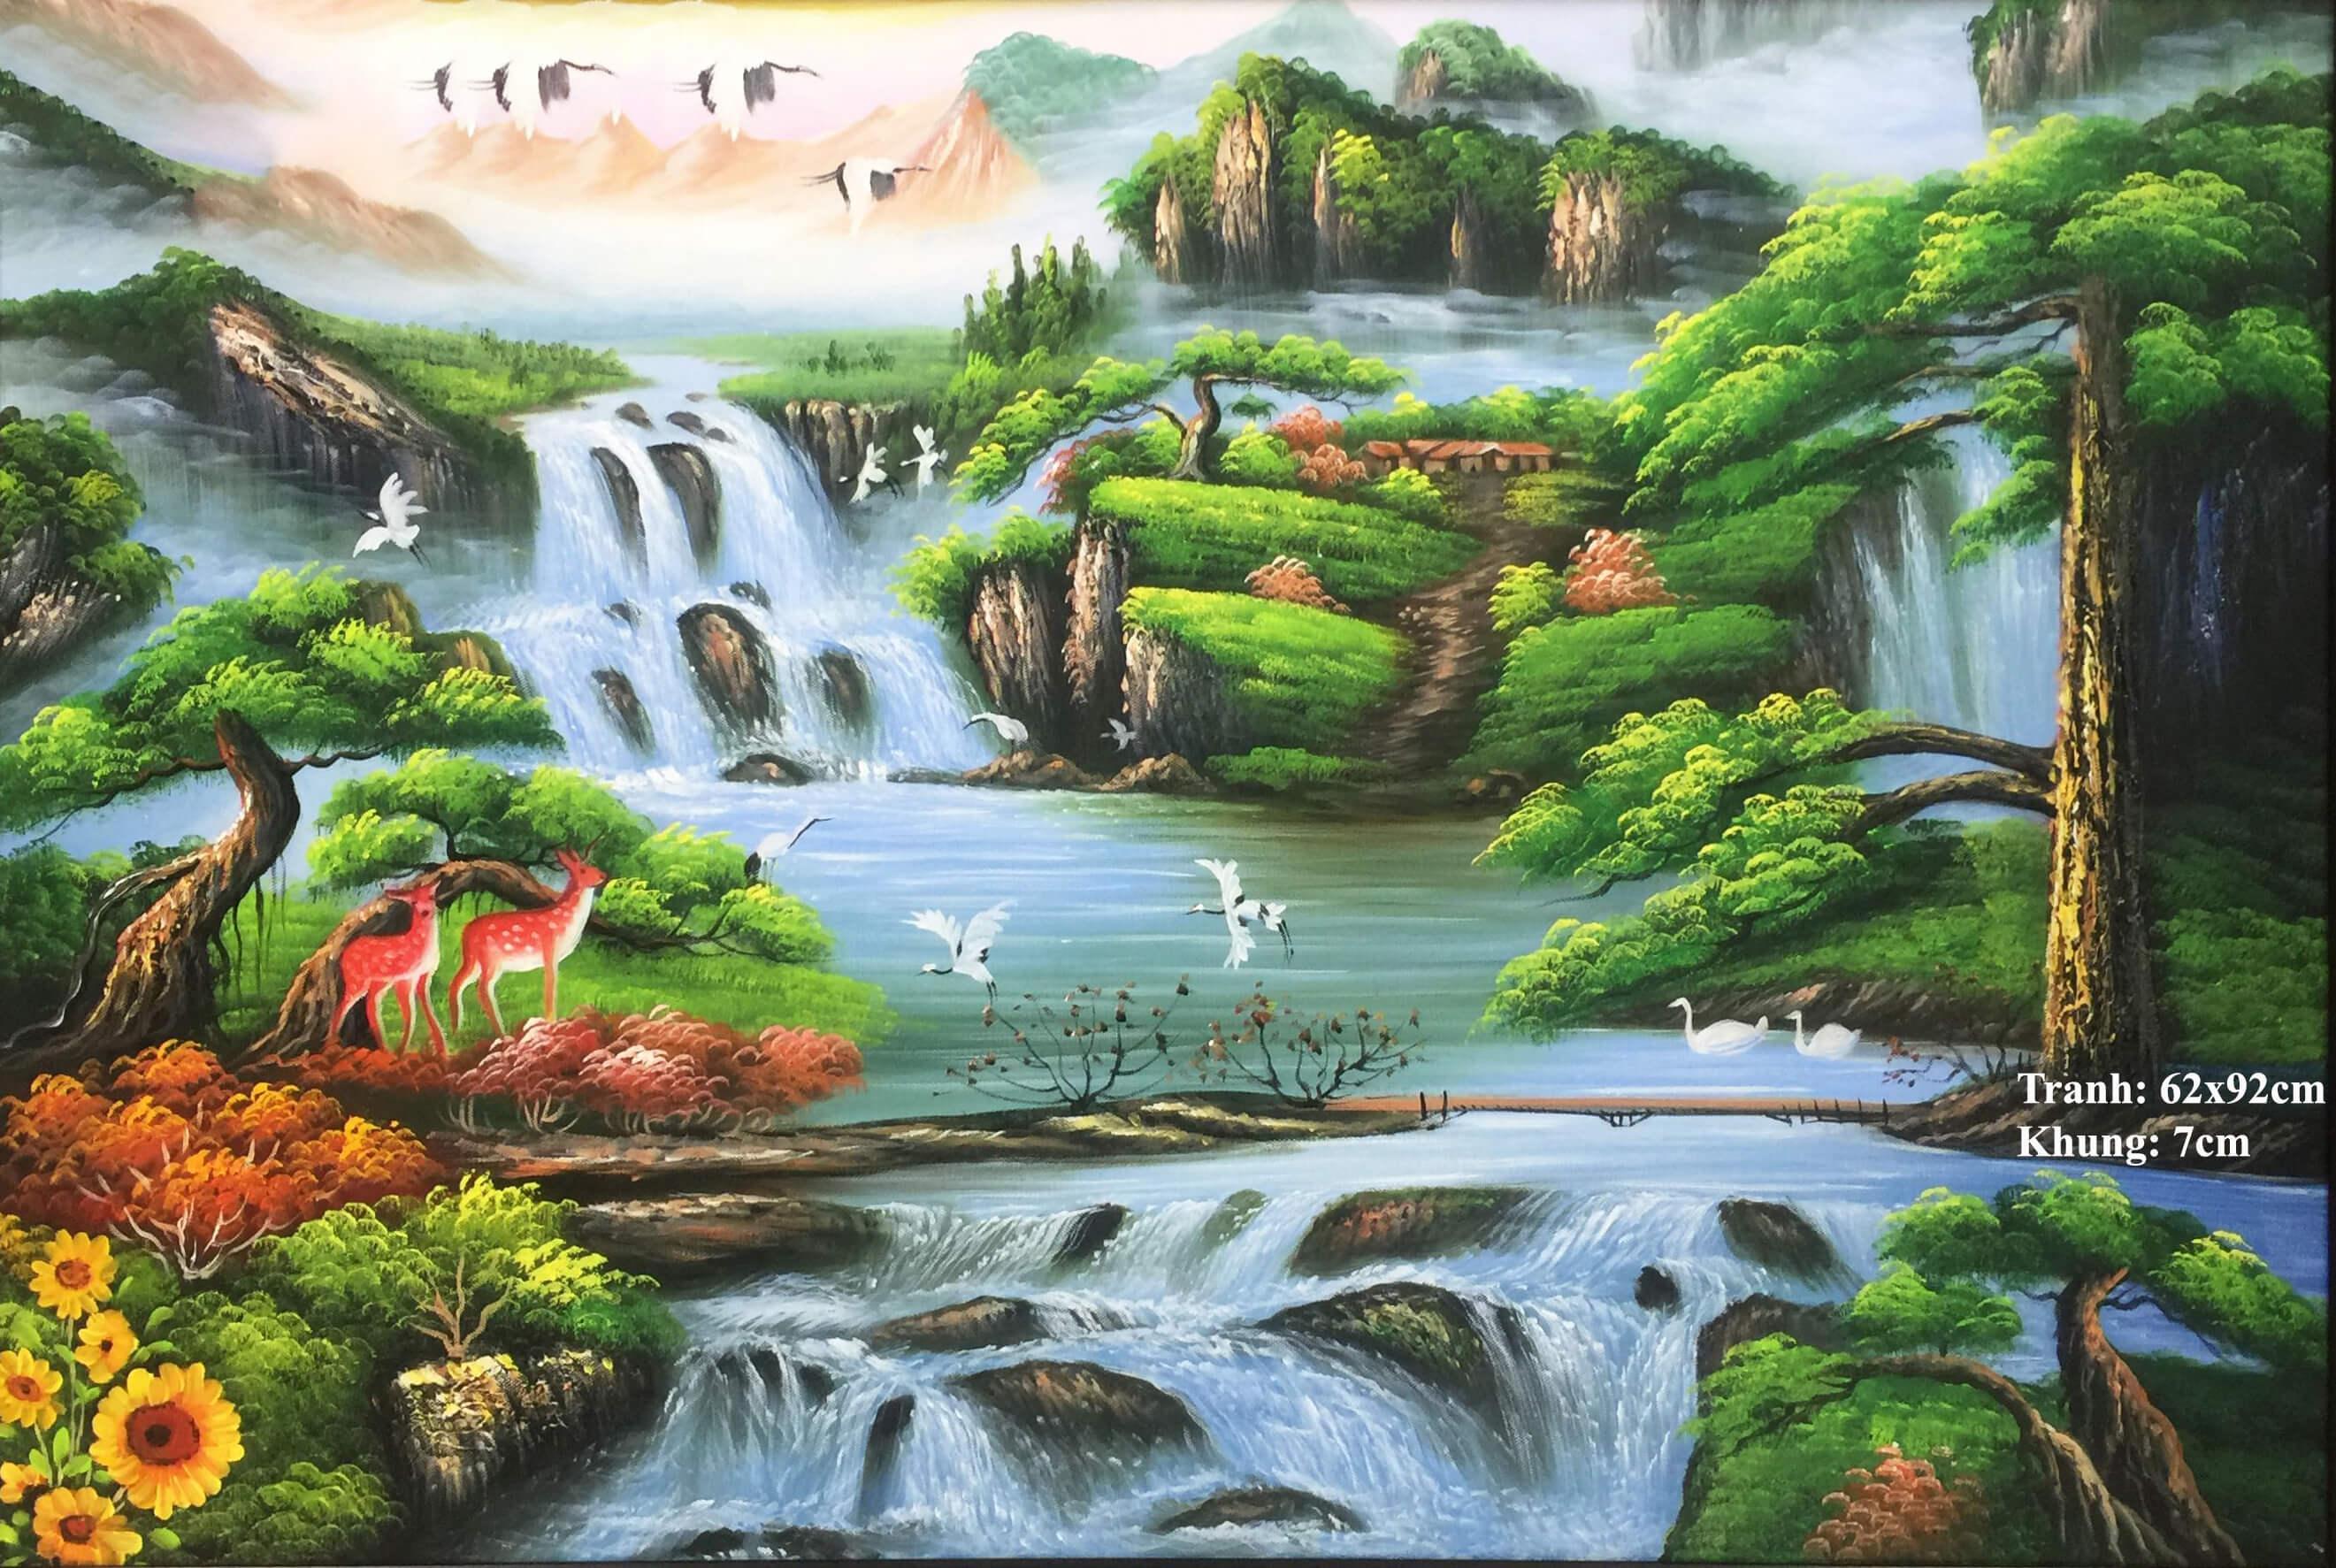 Tranh mừng tân gia – món quà phong thủy tuyệt đẹp - YeuTranh.vn